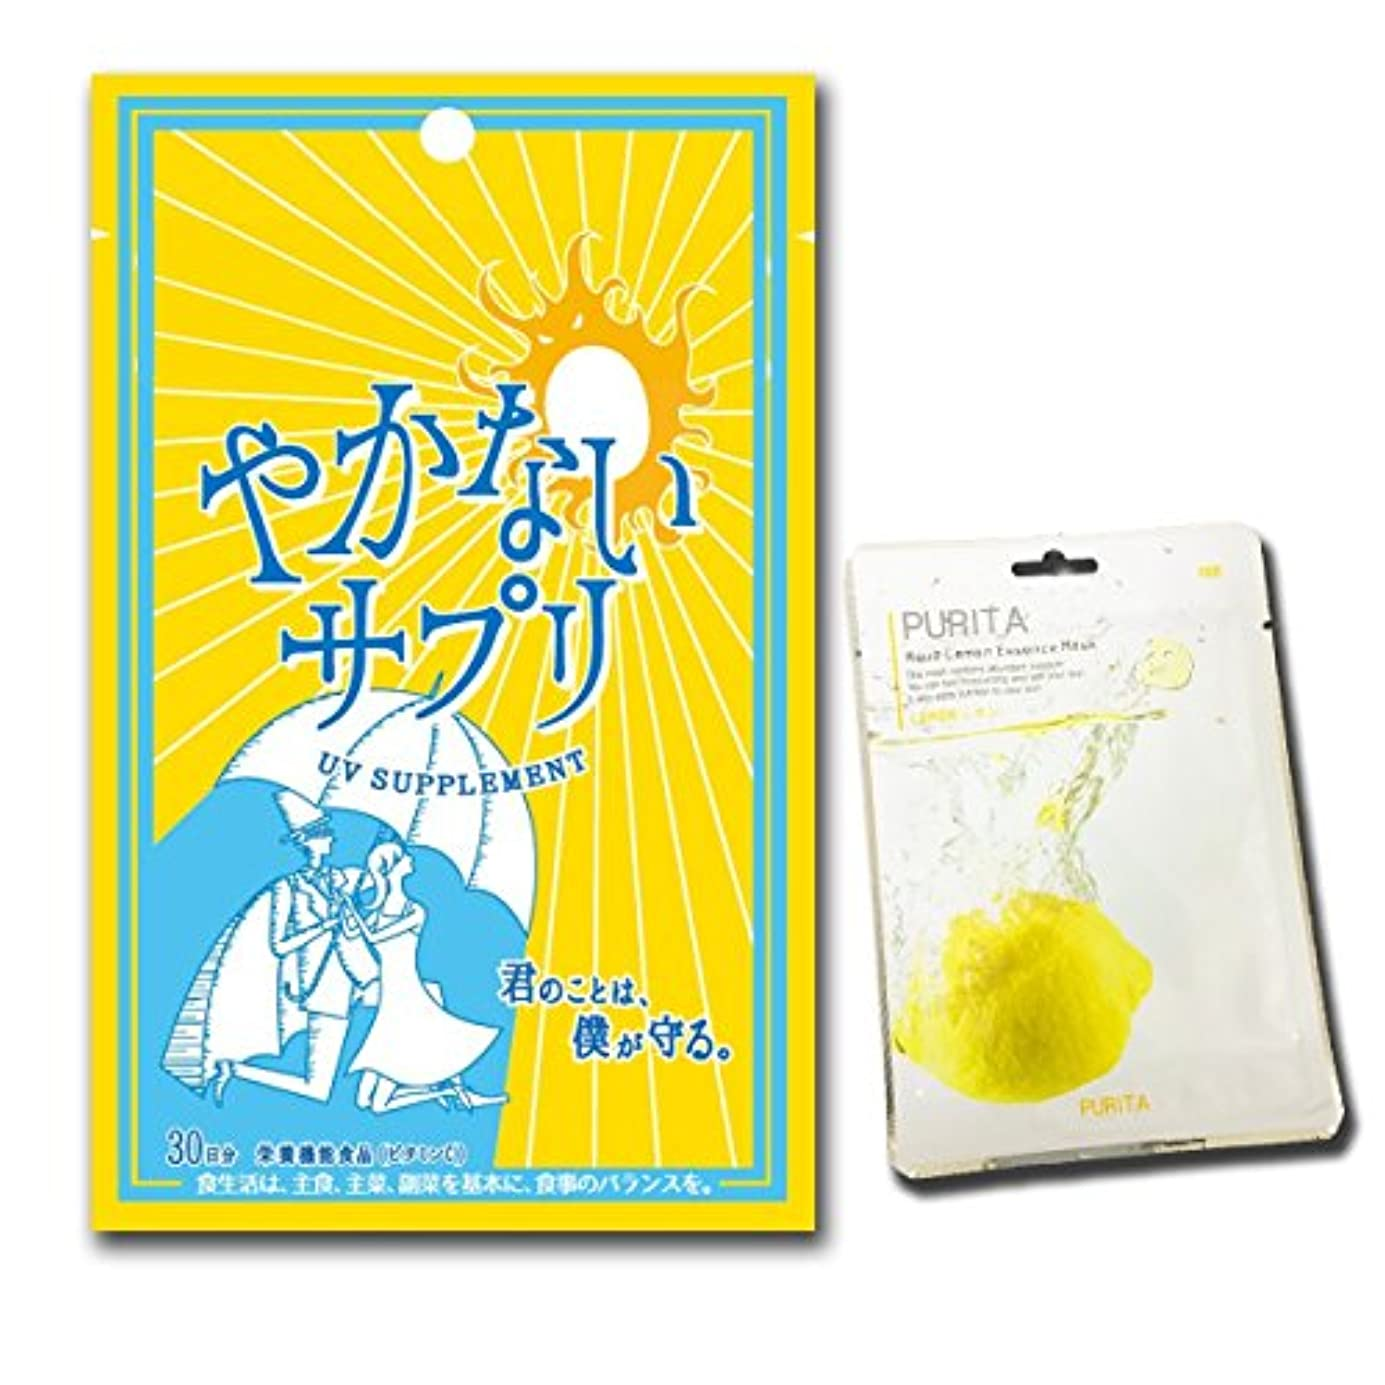 犠牲スーダン時代遅れ飲む日焼け止め やかないサプリ 日本製 (30粒/30日分) PURITAフェイスマスク1枚付